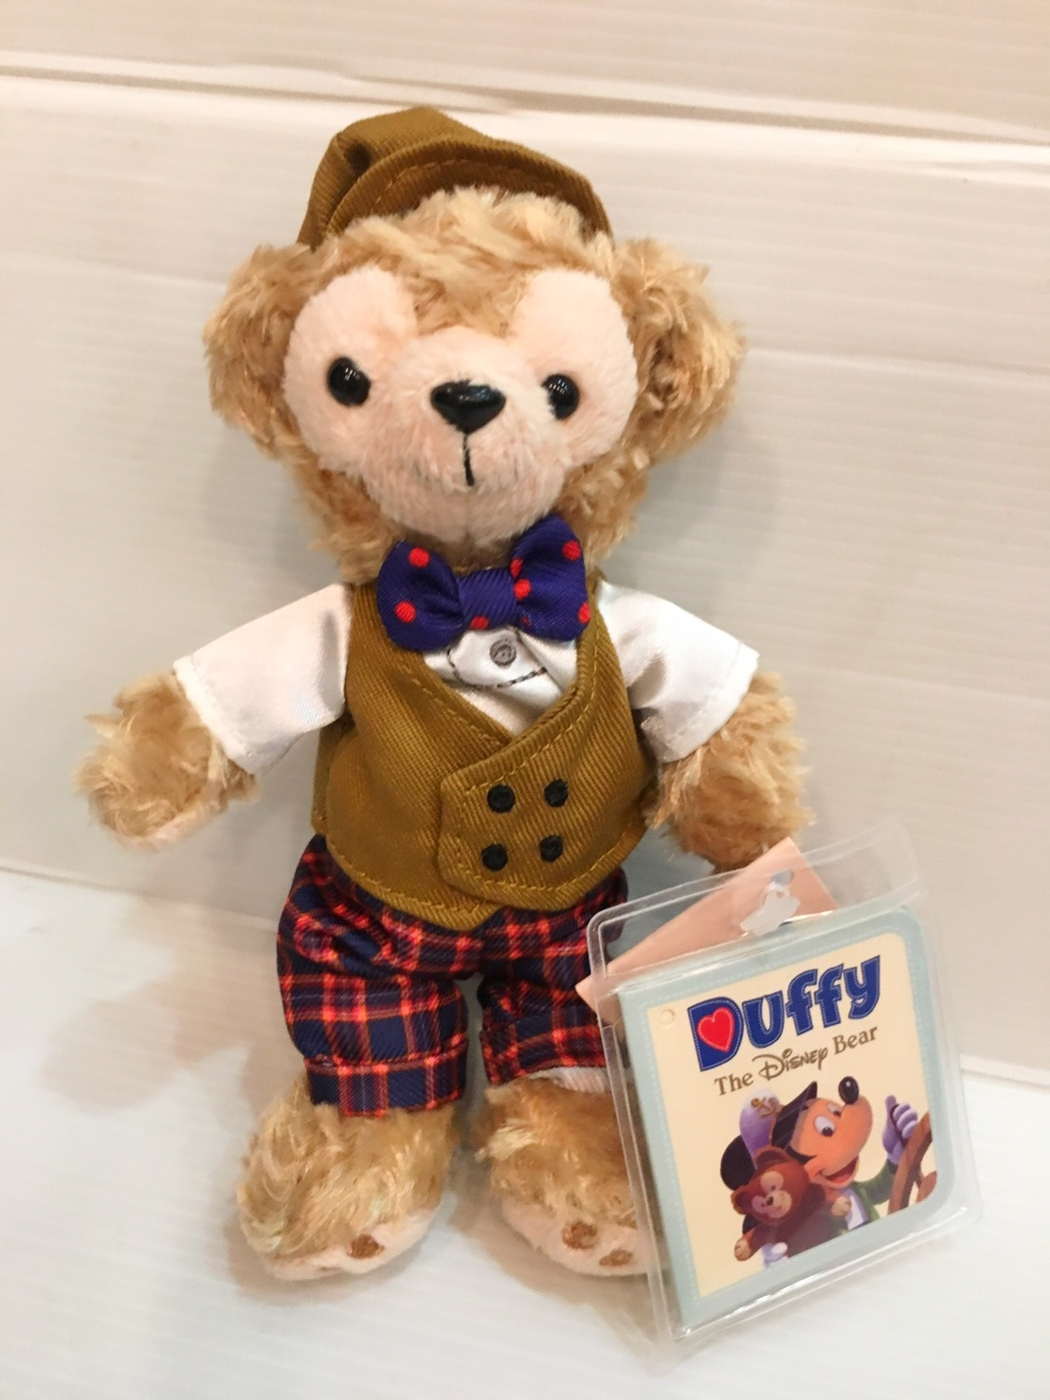 京之物語香港迪士尼帶回正品達菲熊Duffy紳士款吊飾鑰匙圈現貨